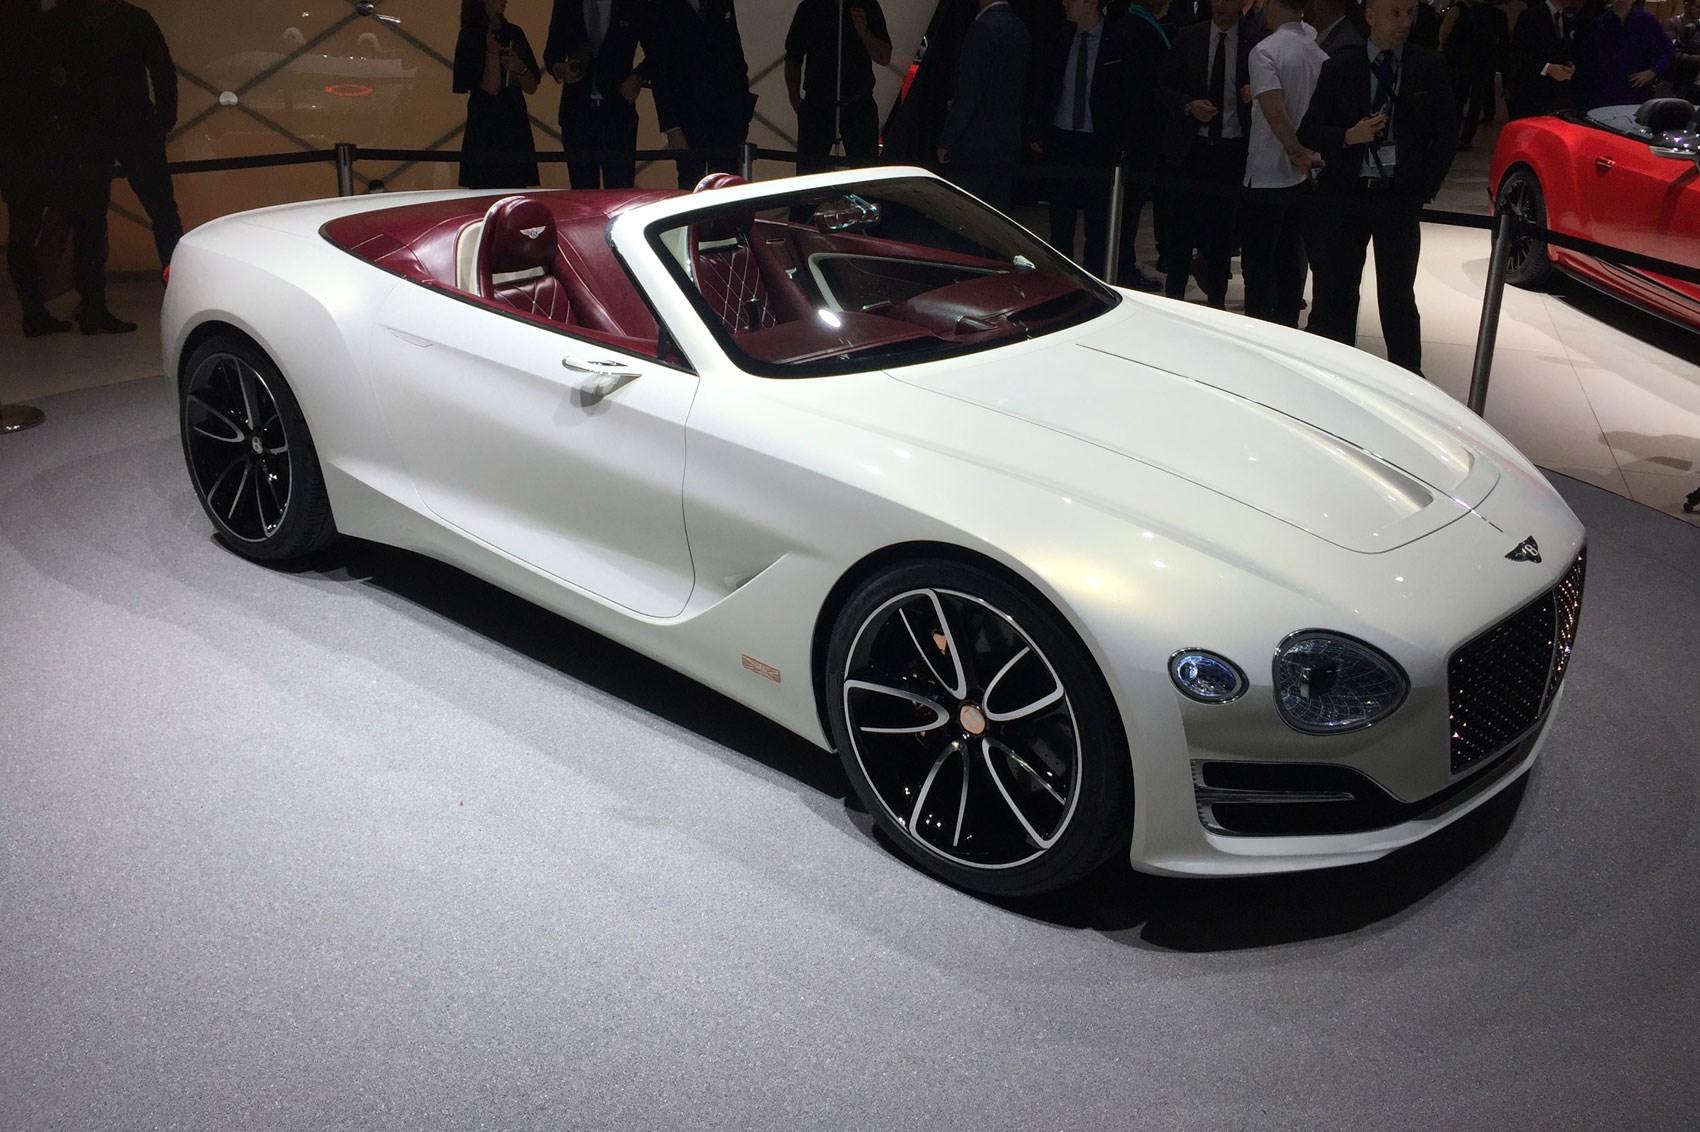 Bentley Exp 12 Sd 6e At Geneva 2017